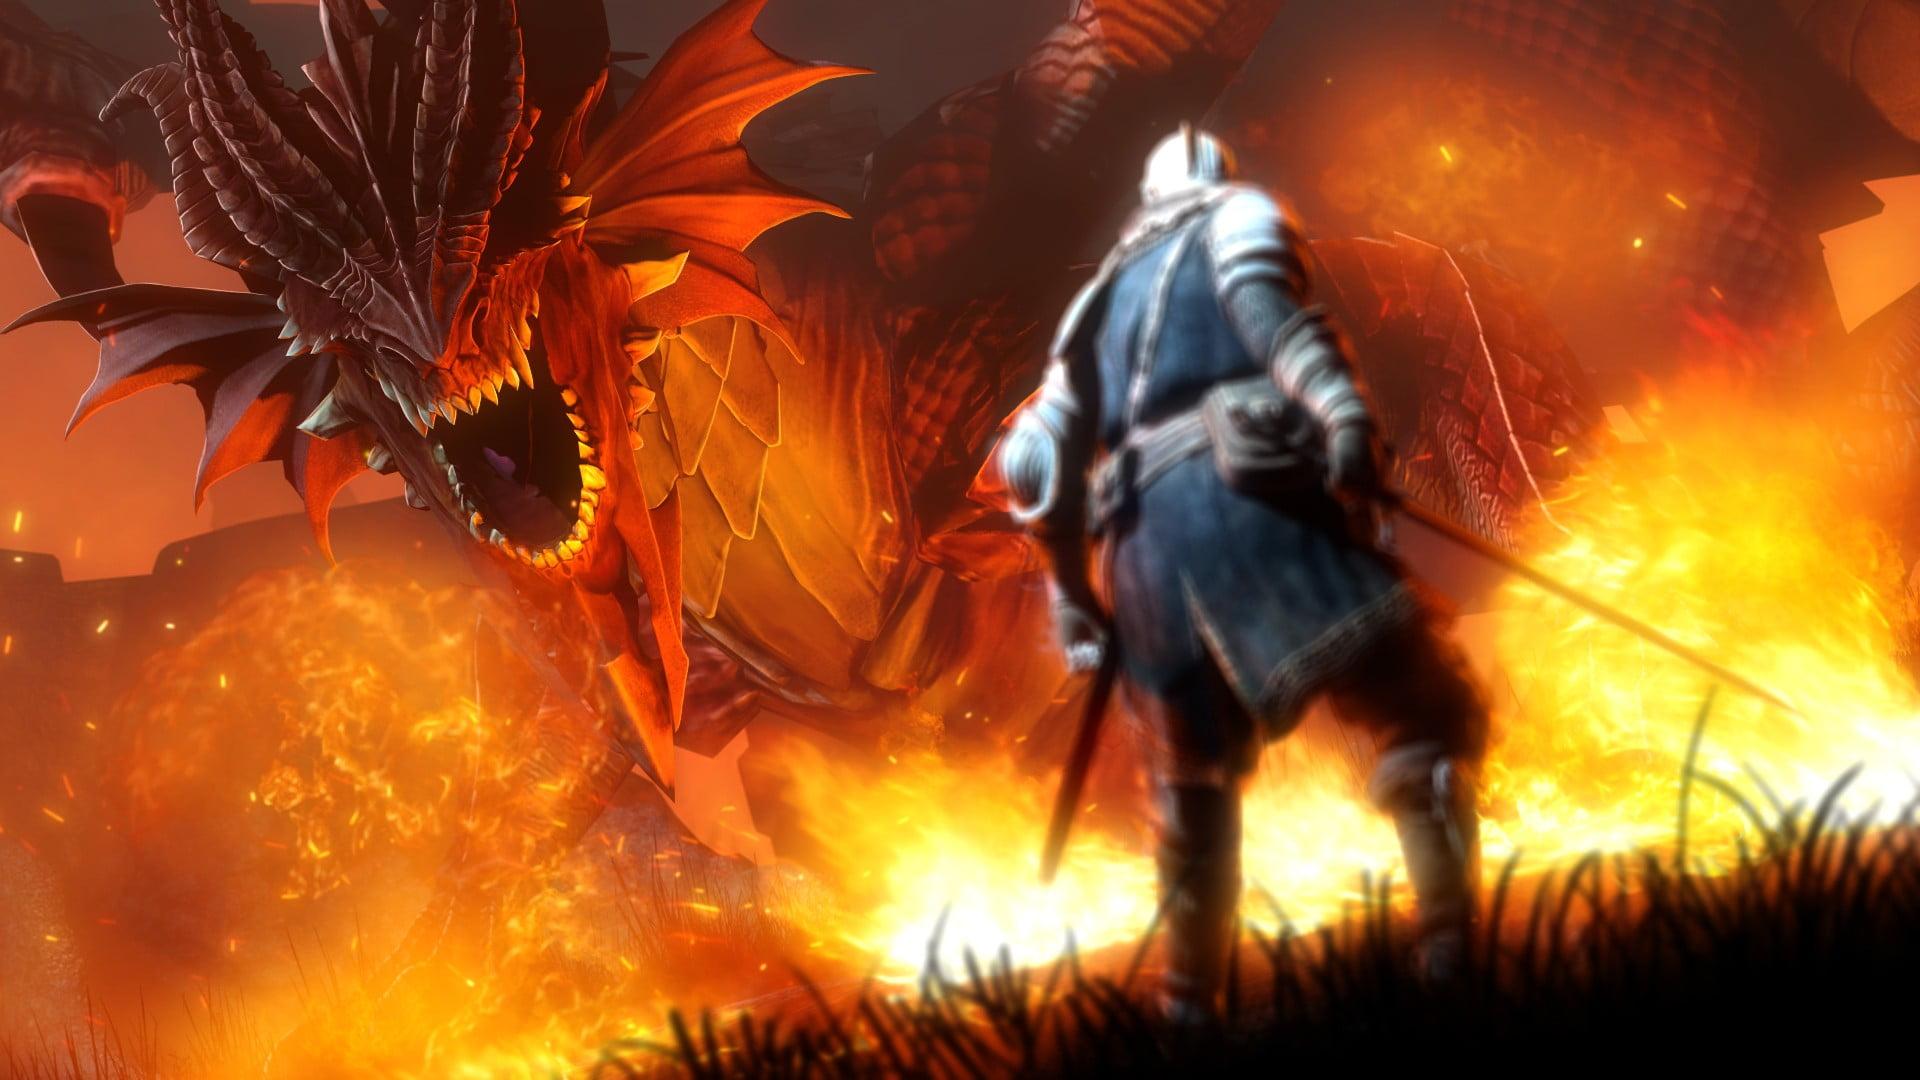 Dragon Fight - HD Wallpaper